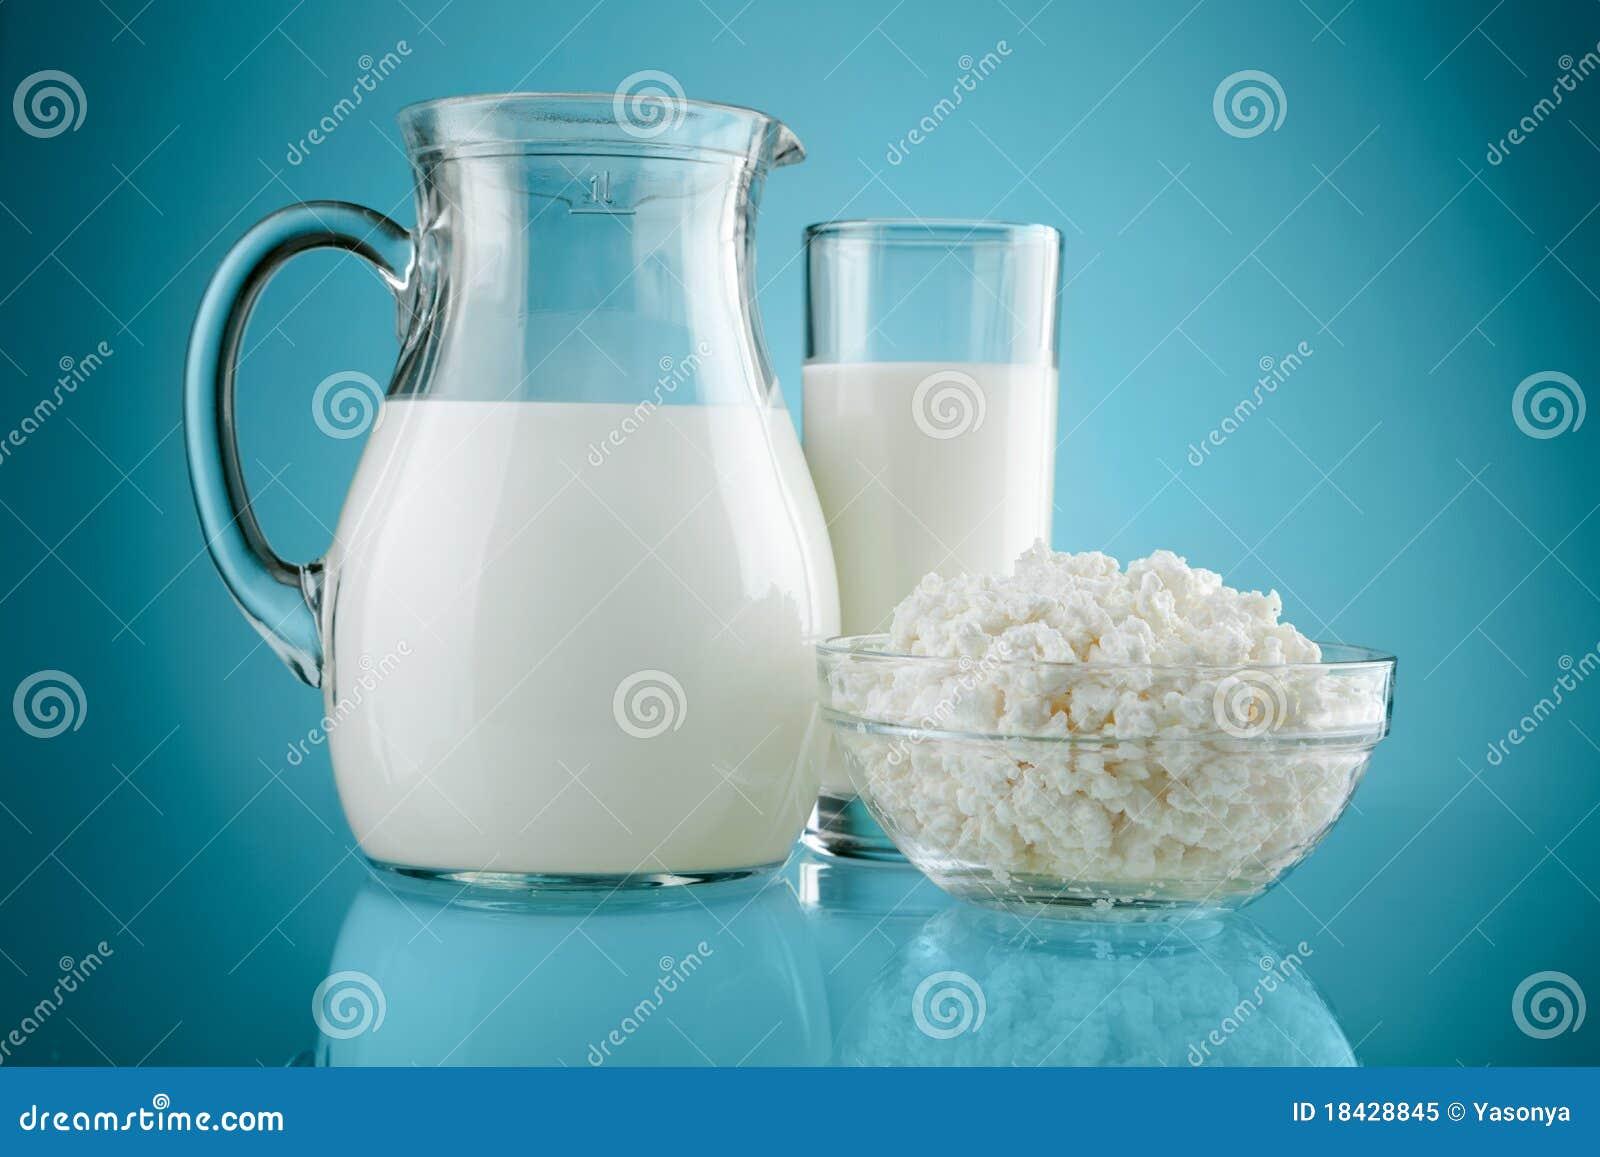 凝结玻璃水罐牛奶